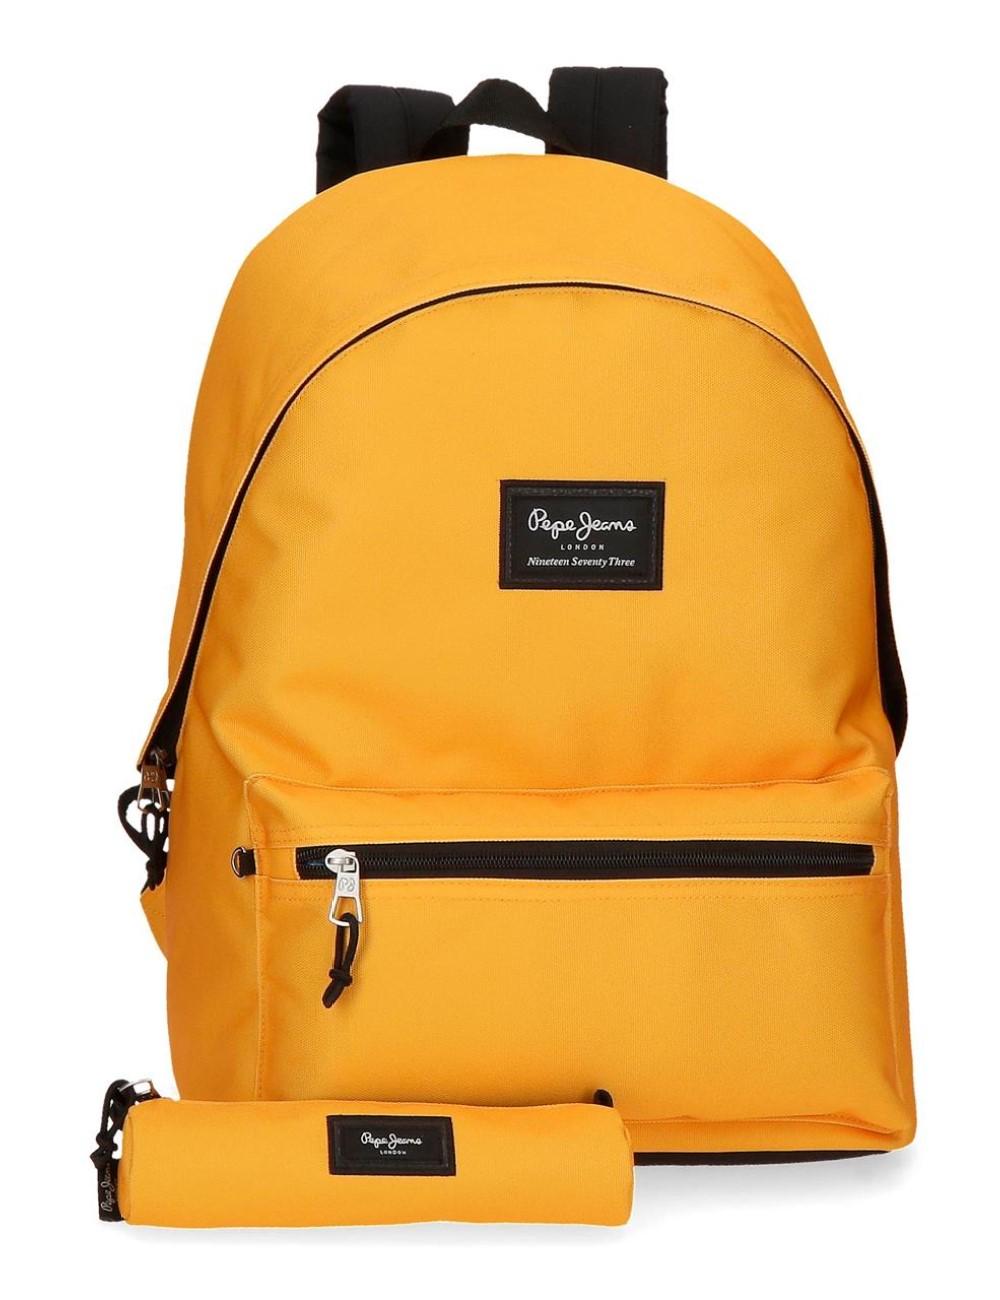 Mochila Un Compartimento Portaordenador + Portatodo Pepe Jeans Colorful Mostaza 6329221